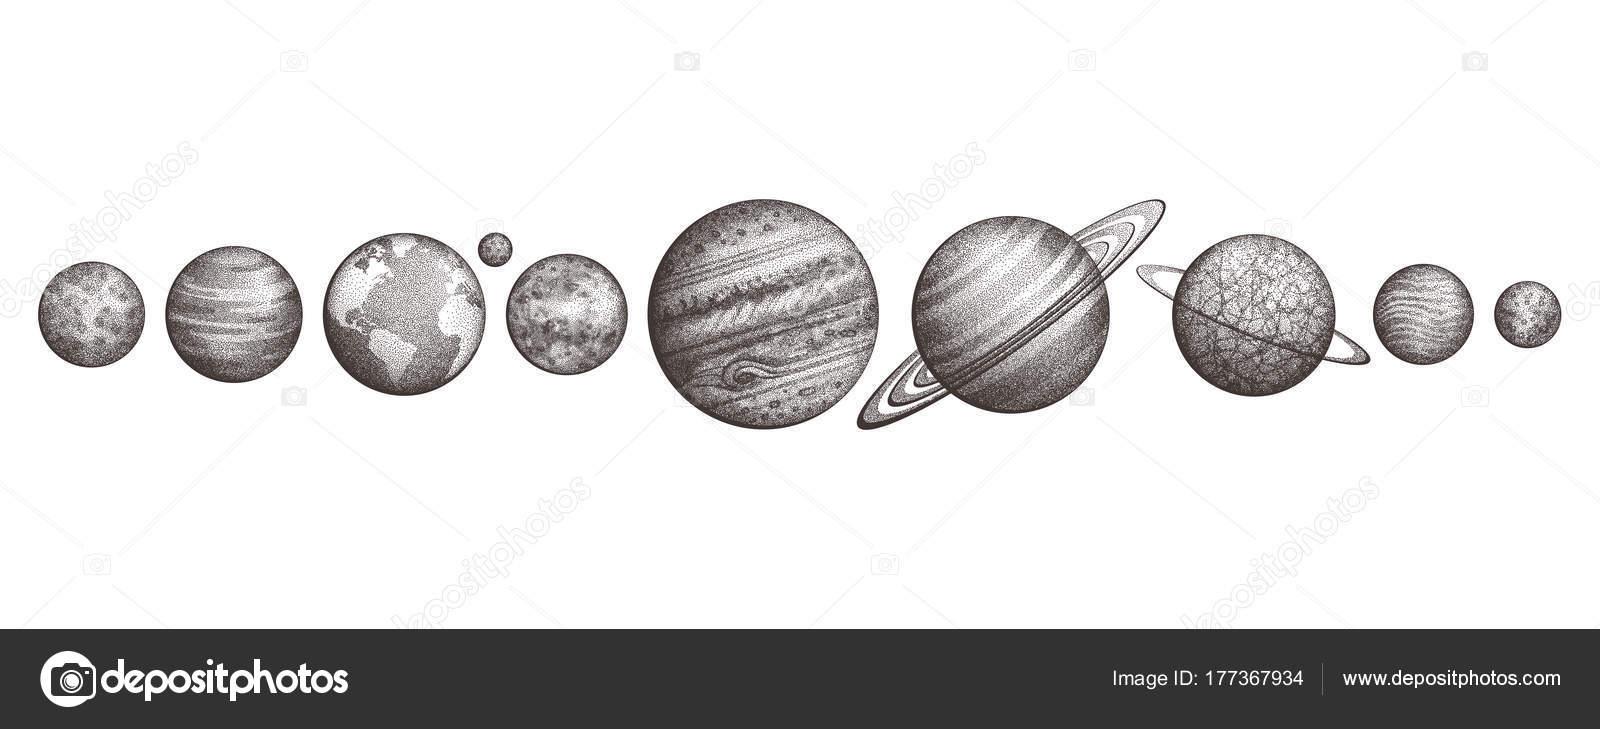 Collection des plan tes du syst me solaire style de gravure vintage science l gant ensemble - Tatouage systeme solaire ...